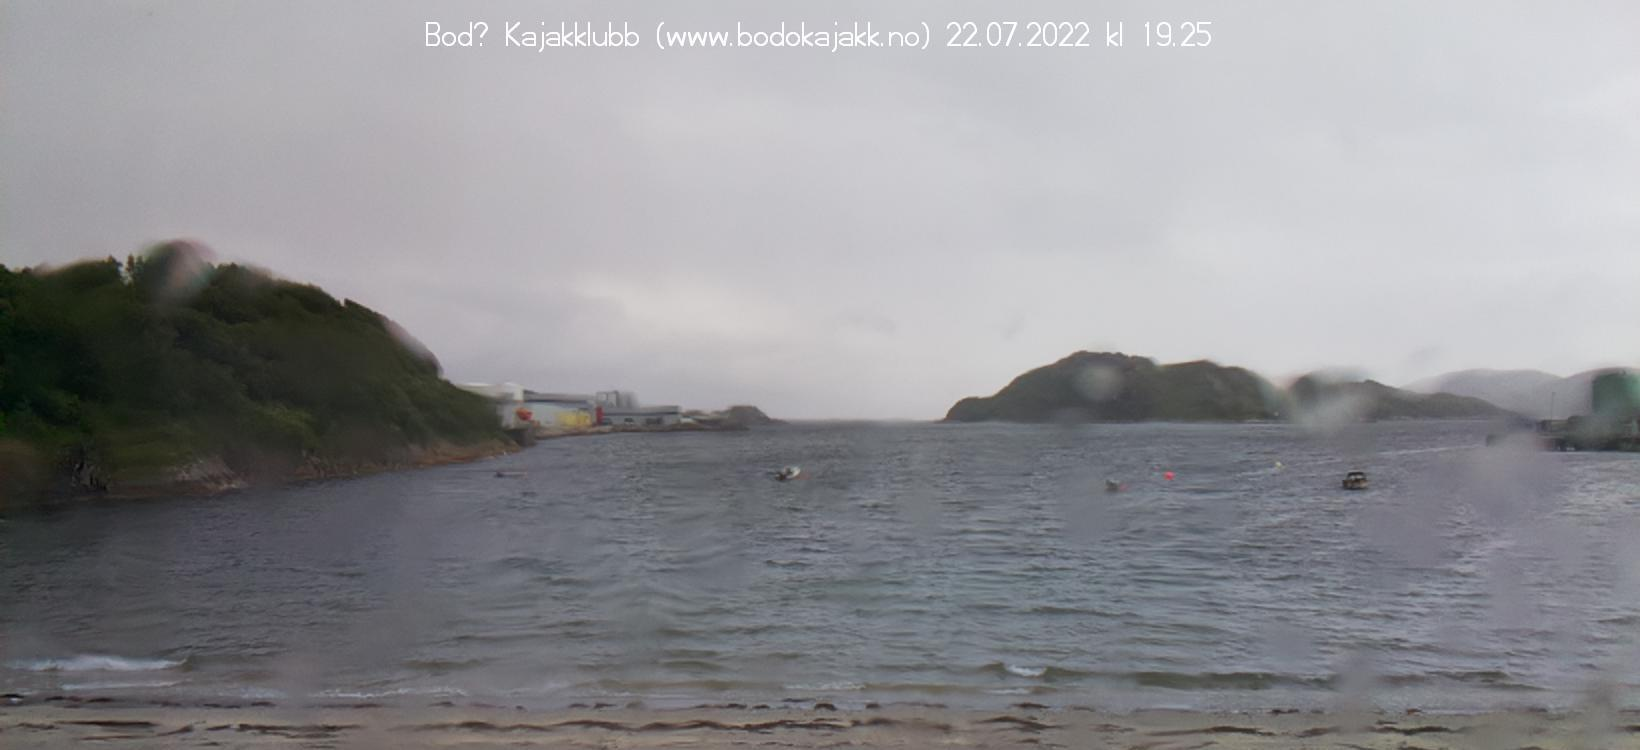 Bodø - Kvalvika